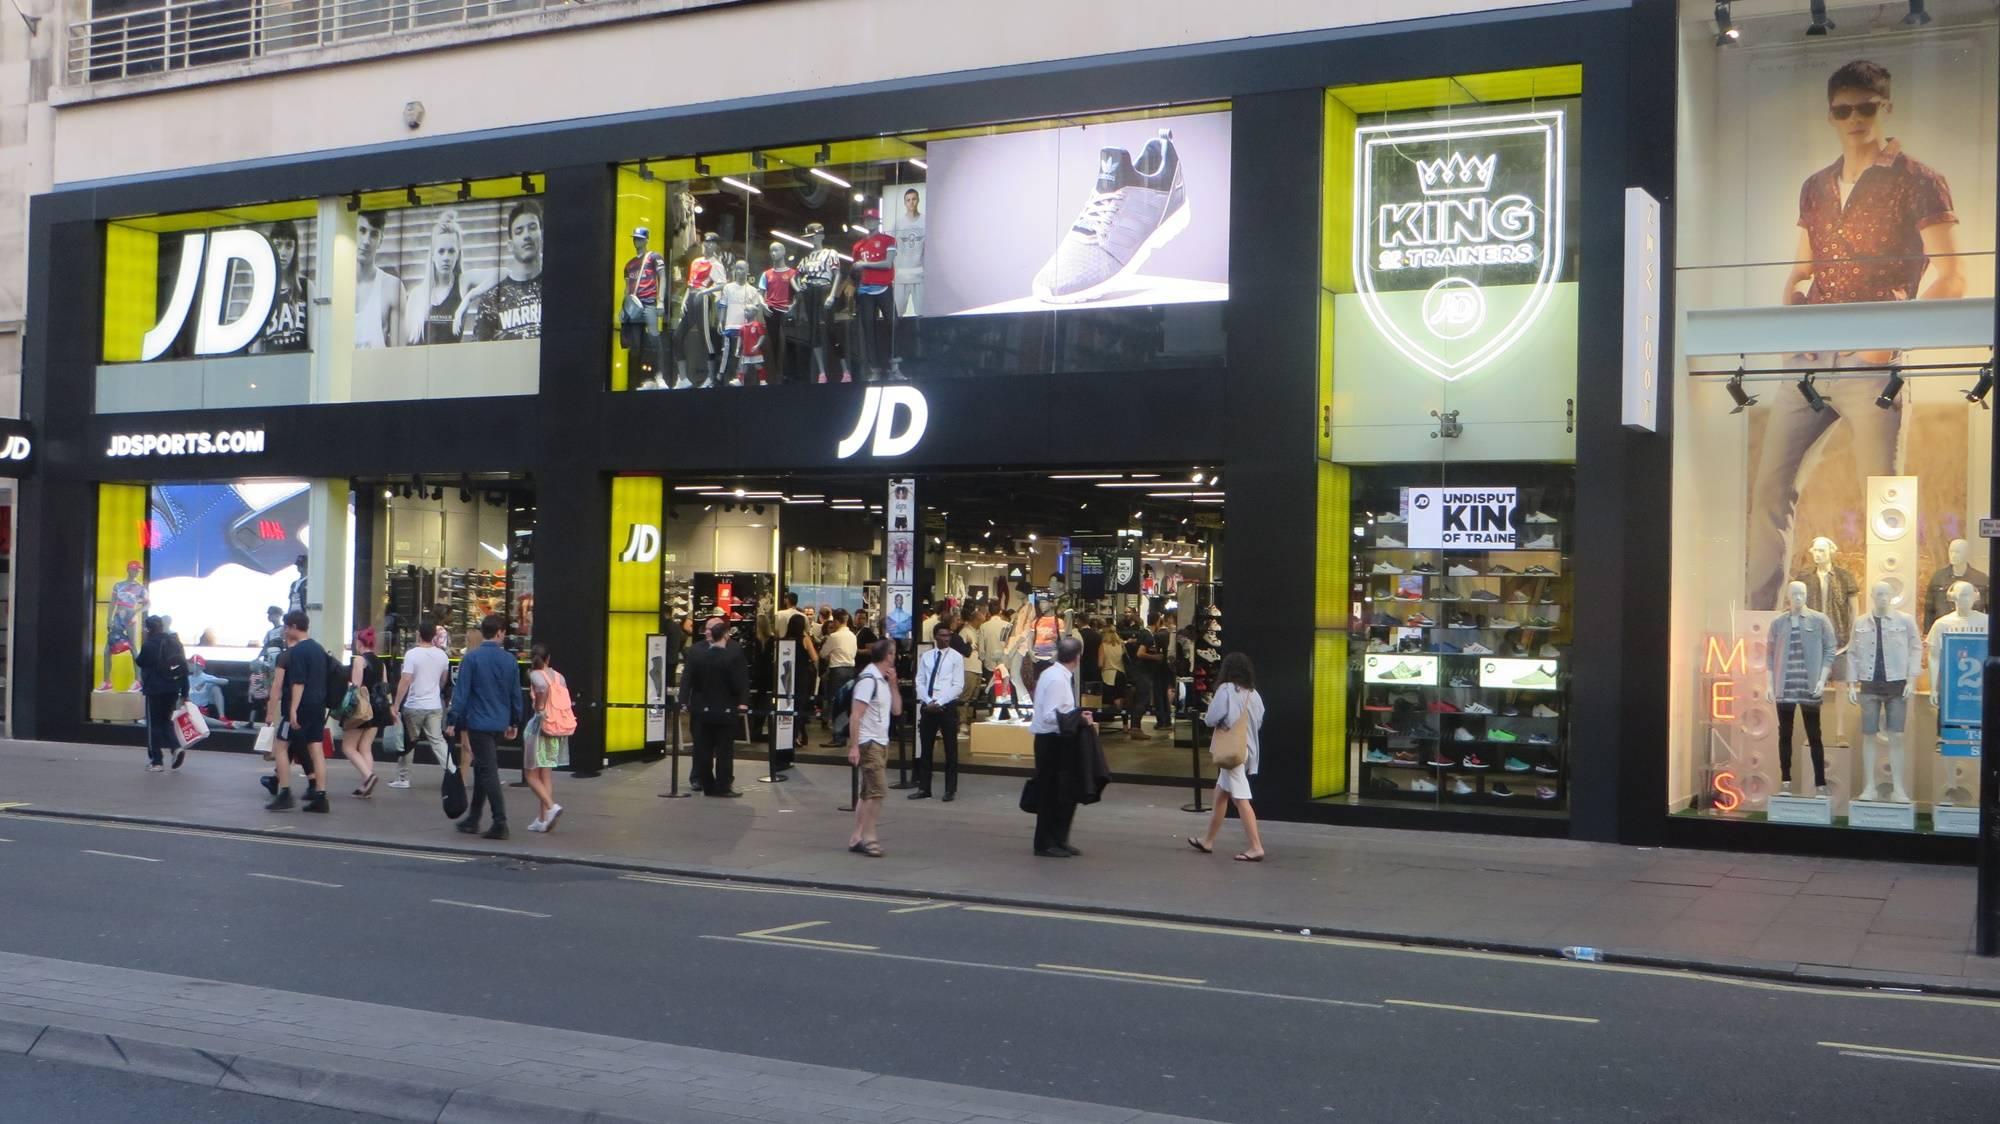 jd sports uk обзор сети магазинов на русском языке